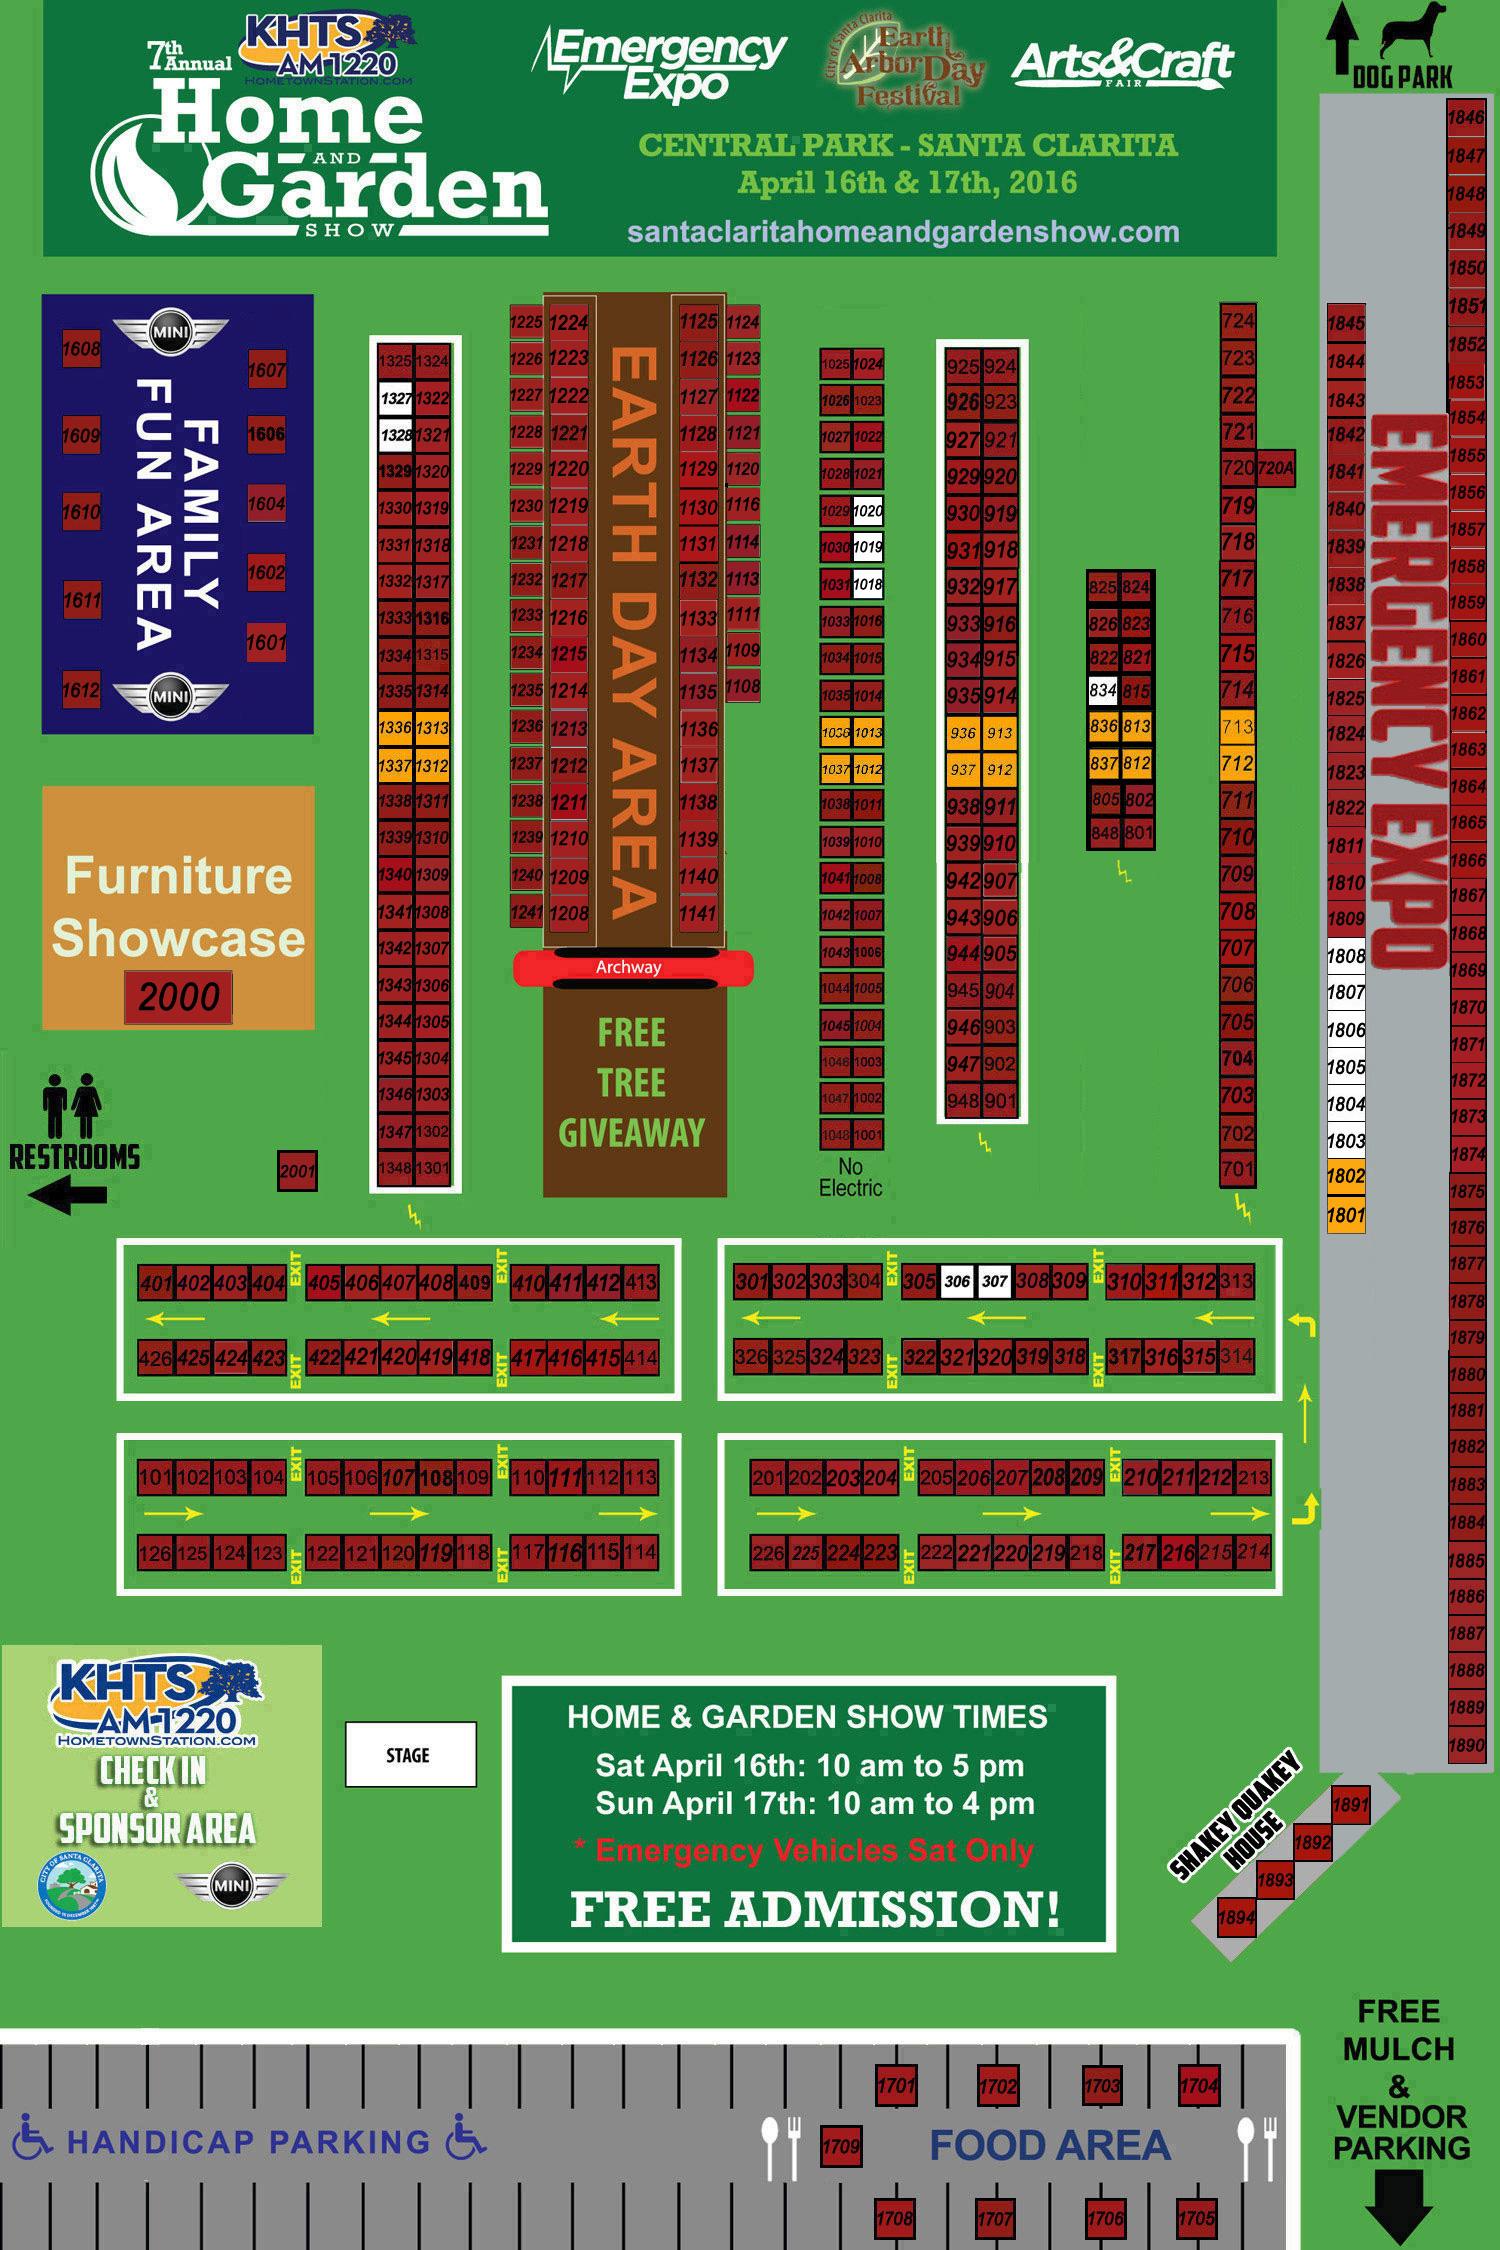 2016 Khts Santa Clarita Home And Garden Show Map2019 Khts Santa Clarita Home And Garden Show